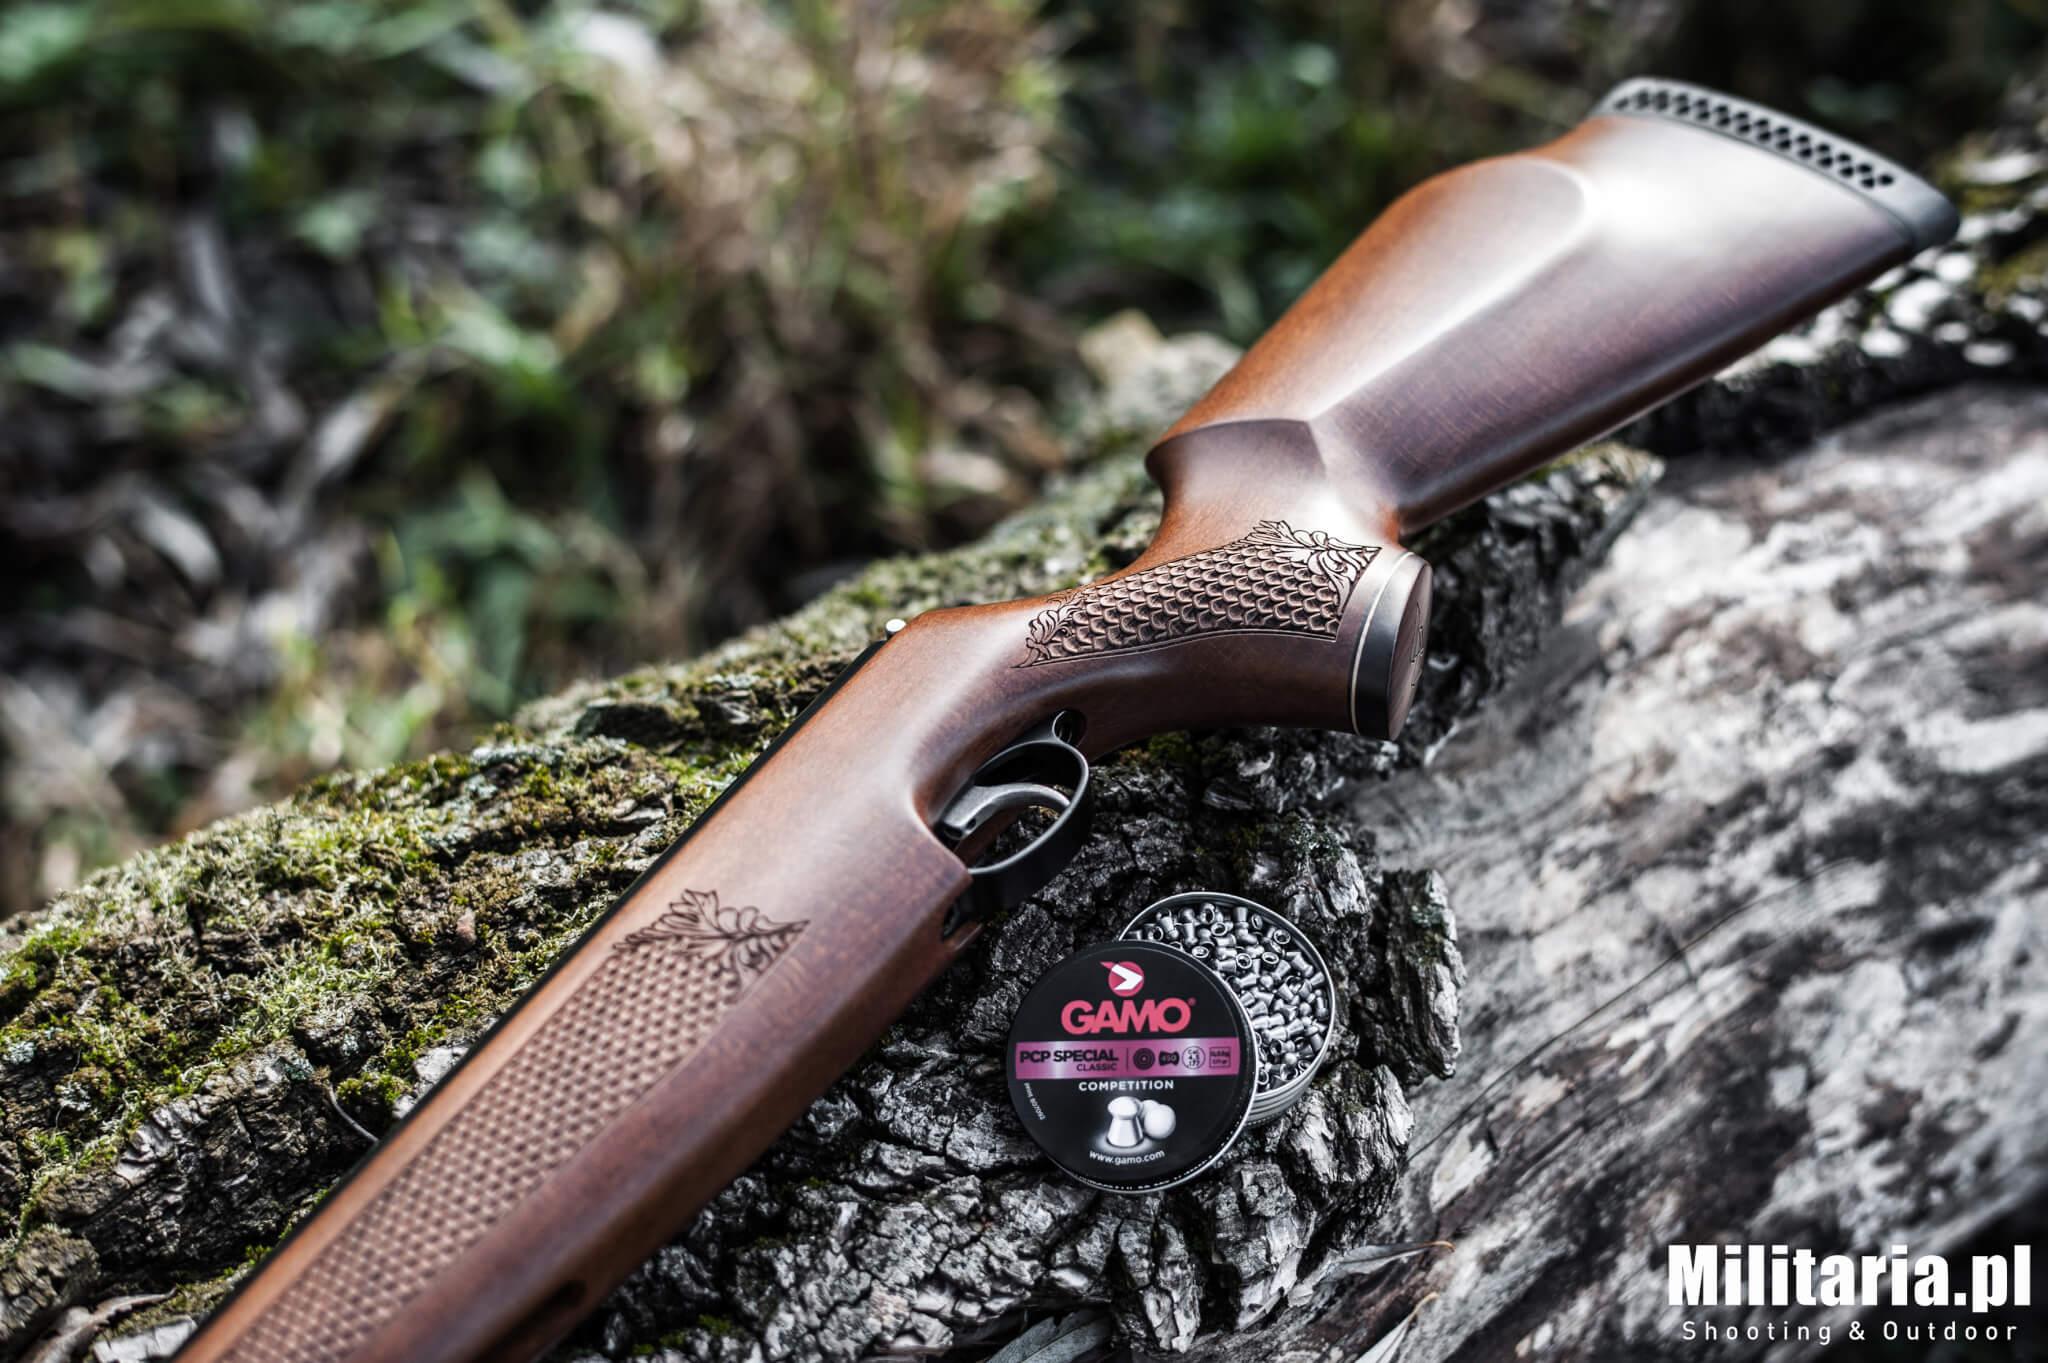 Wiatrówka Air Arms TX200 HC, czyli piękno i precyzja